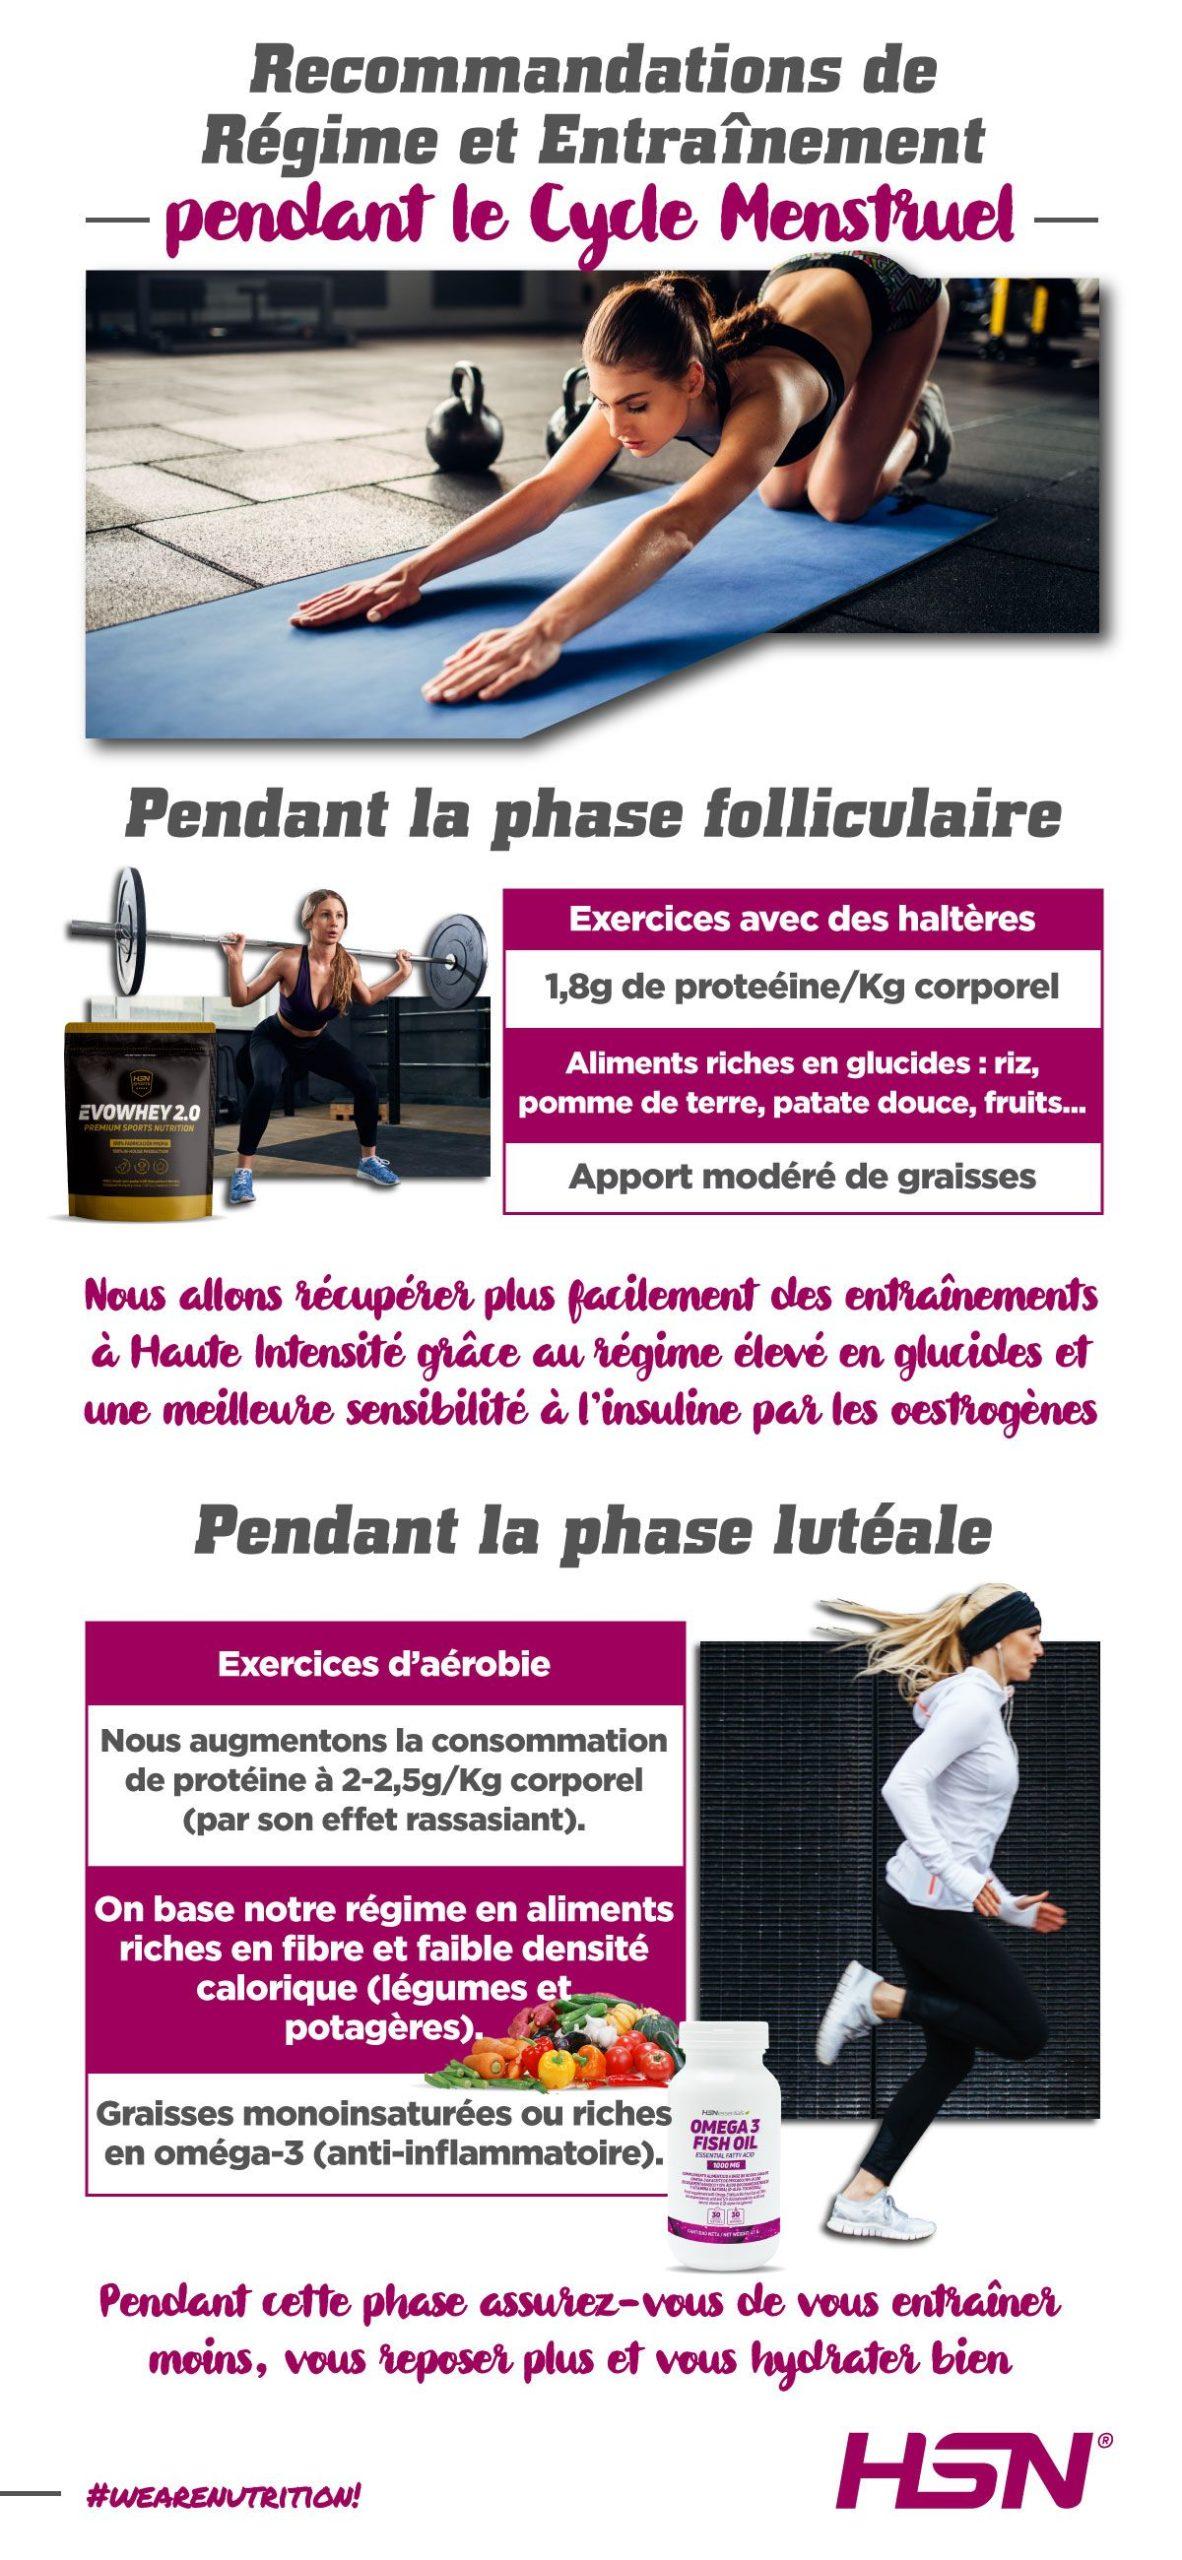 Recommandations de régime et entraînement pendant le cycle menstruel